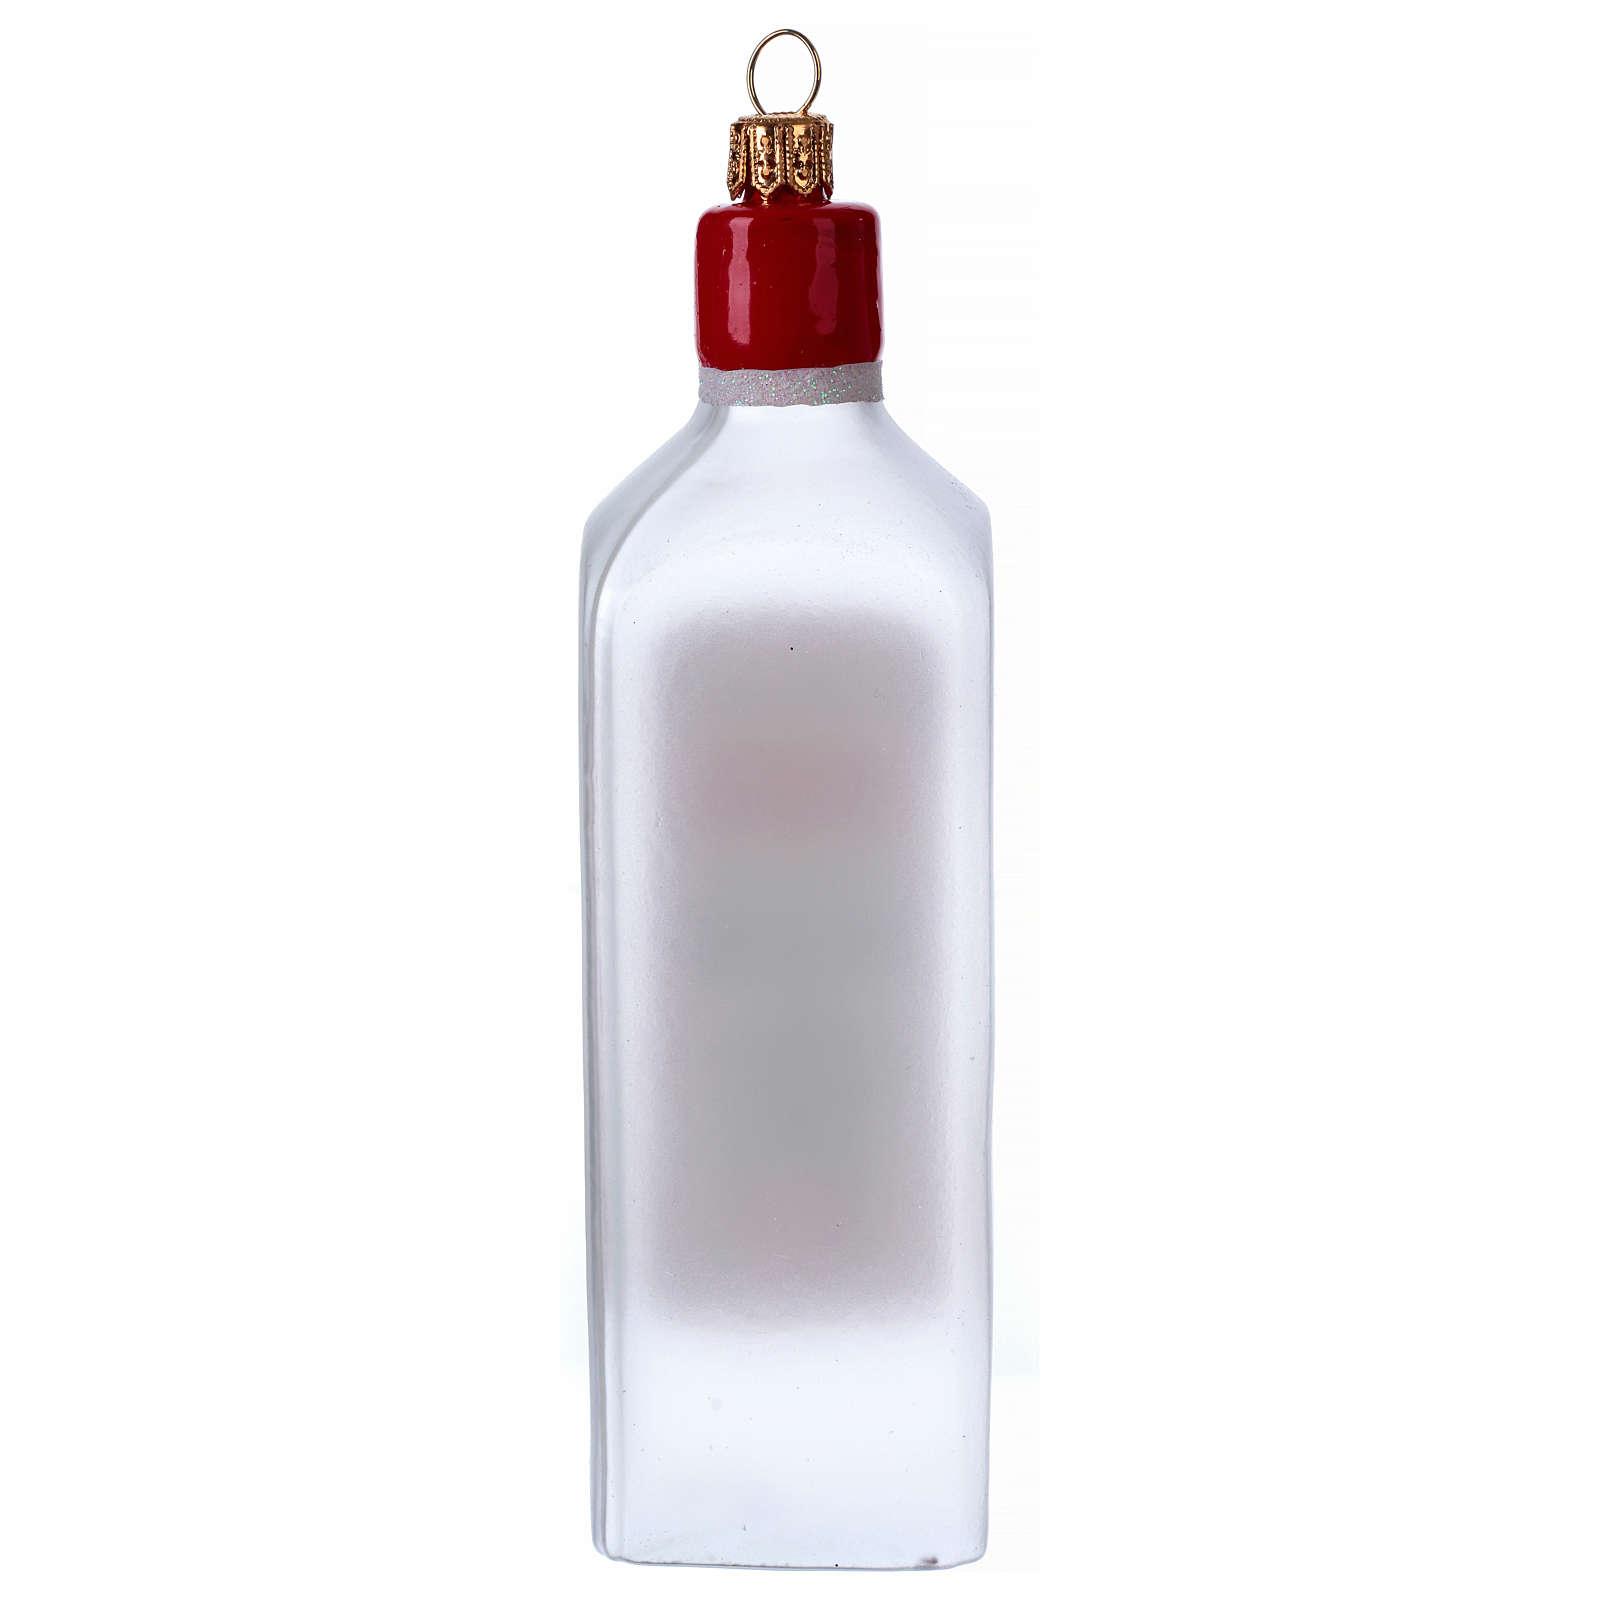 Bouteille de Gin décoration verre soufflé Sapin Noël 4